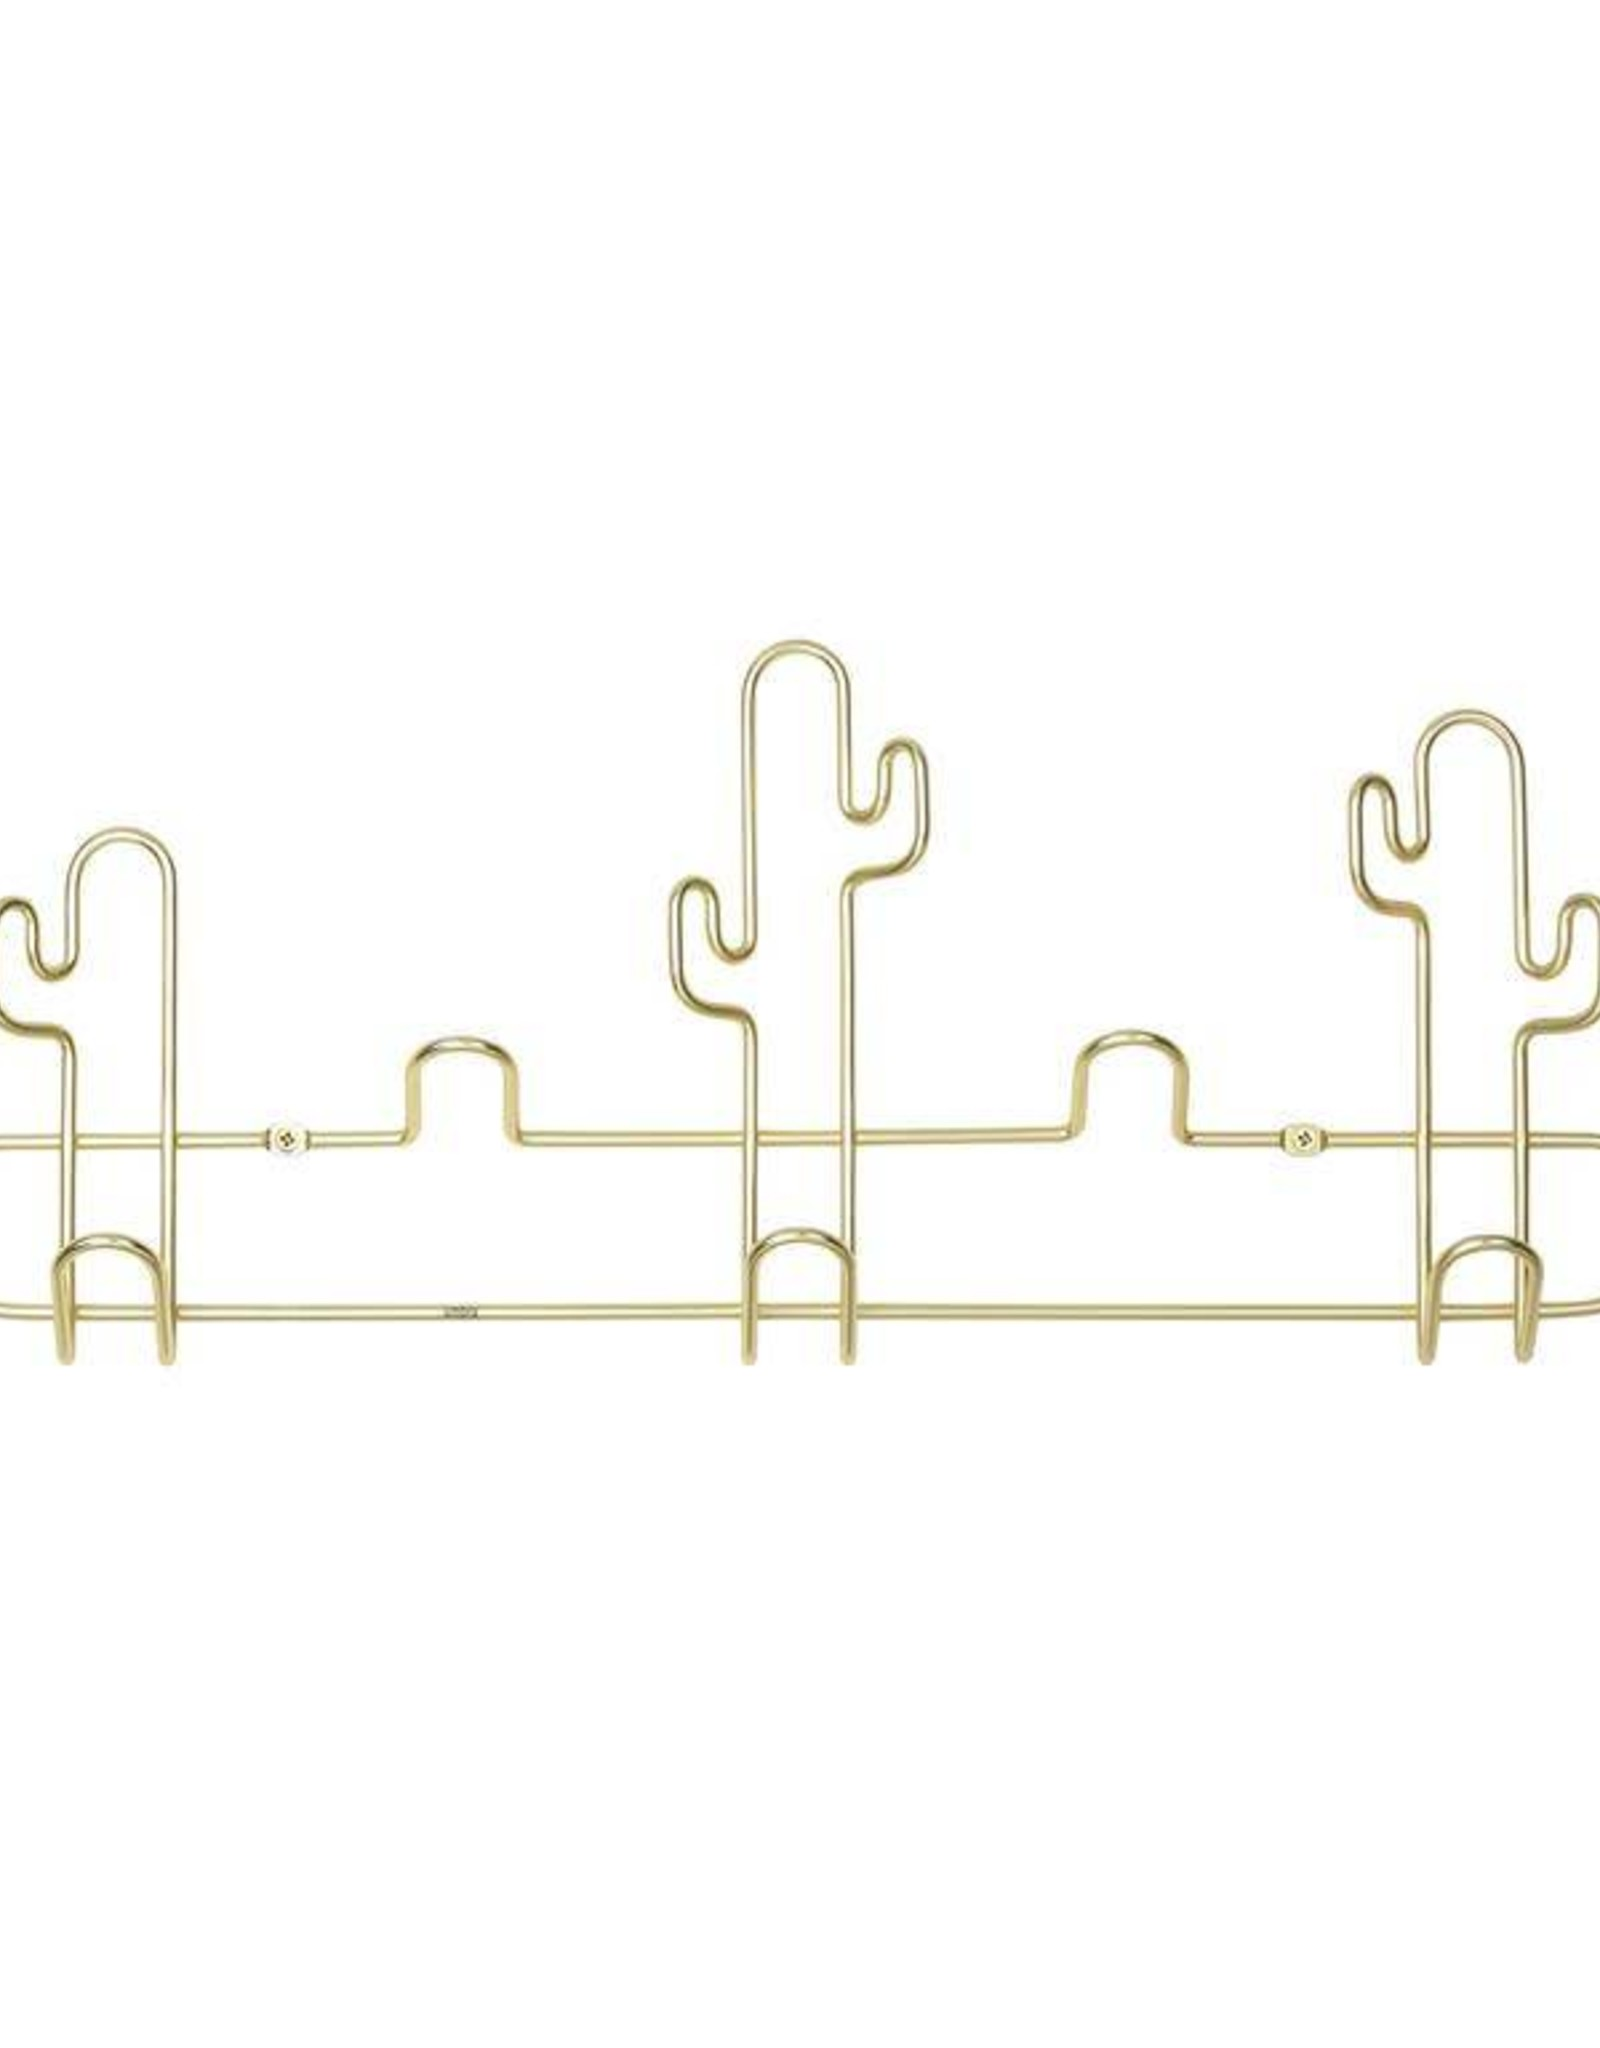 Umbra Umbra - Desert multi hook brass